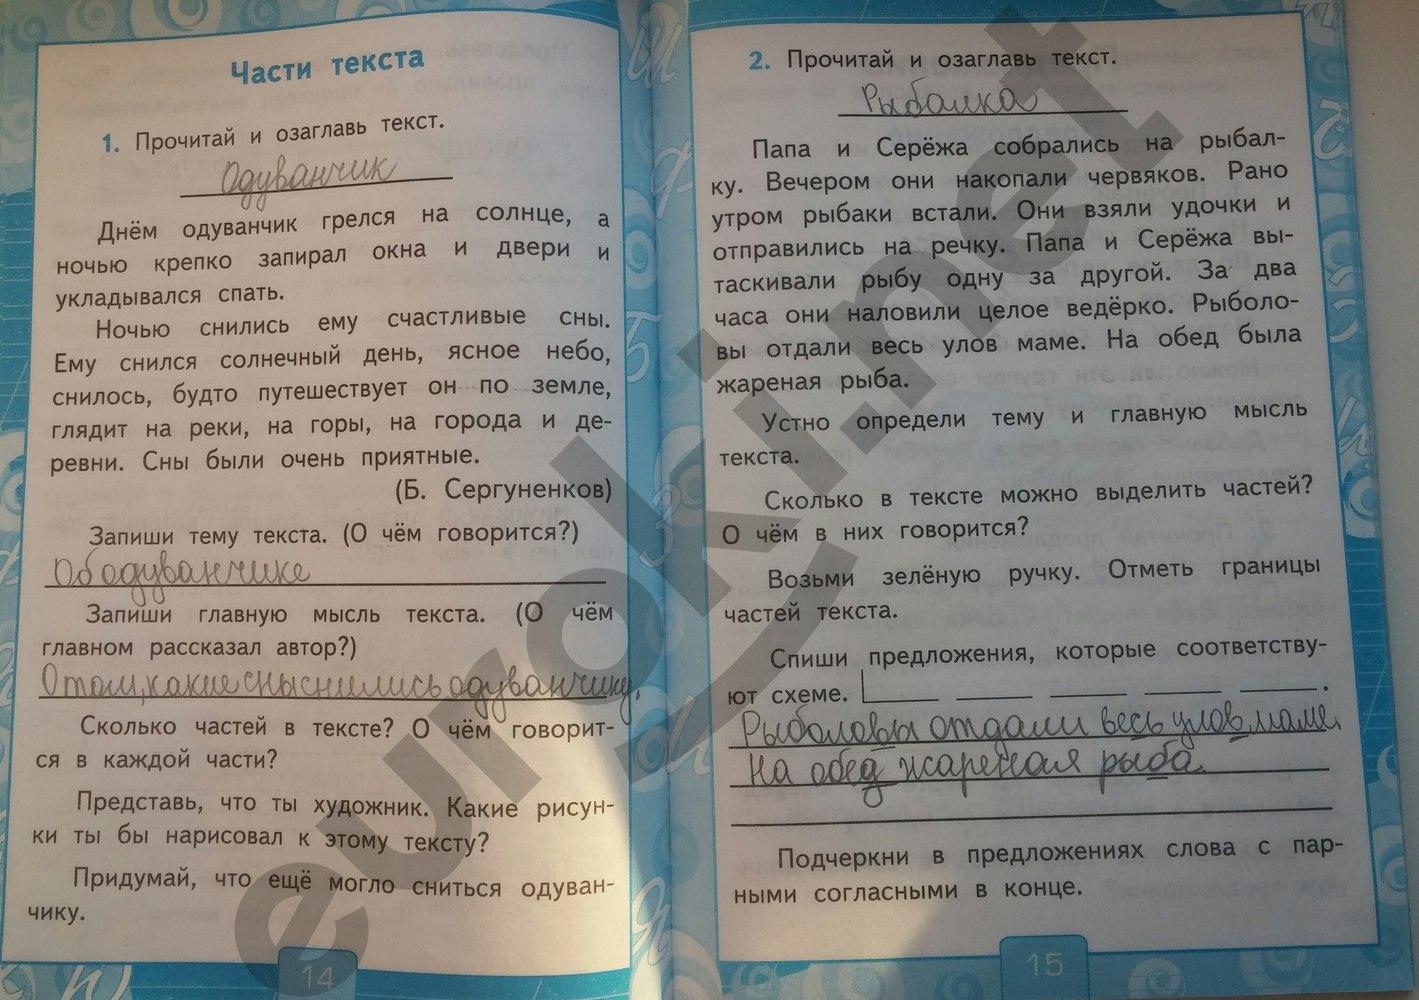 Тетради тихомирова по класс языку решебник русскому рабочей 3